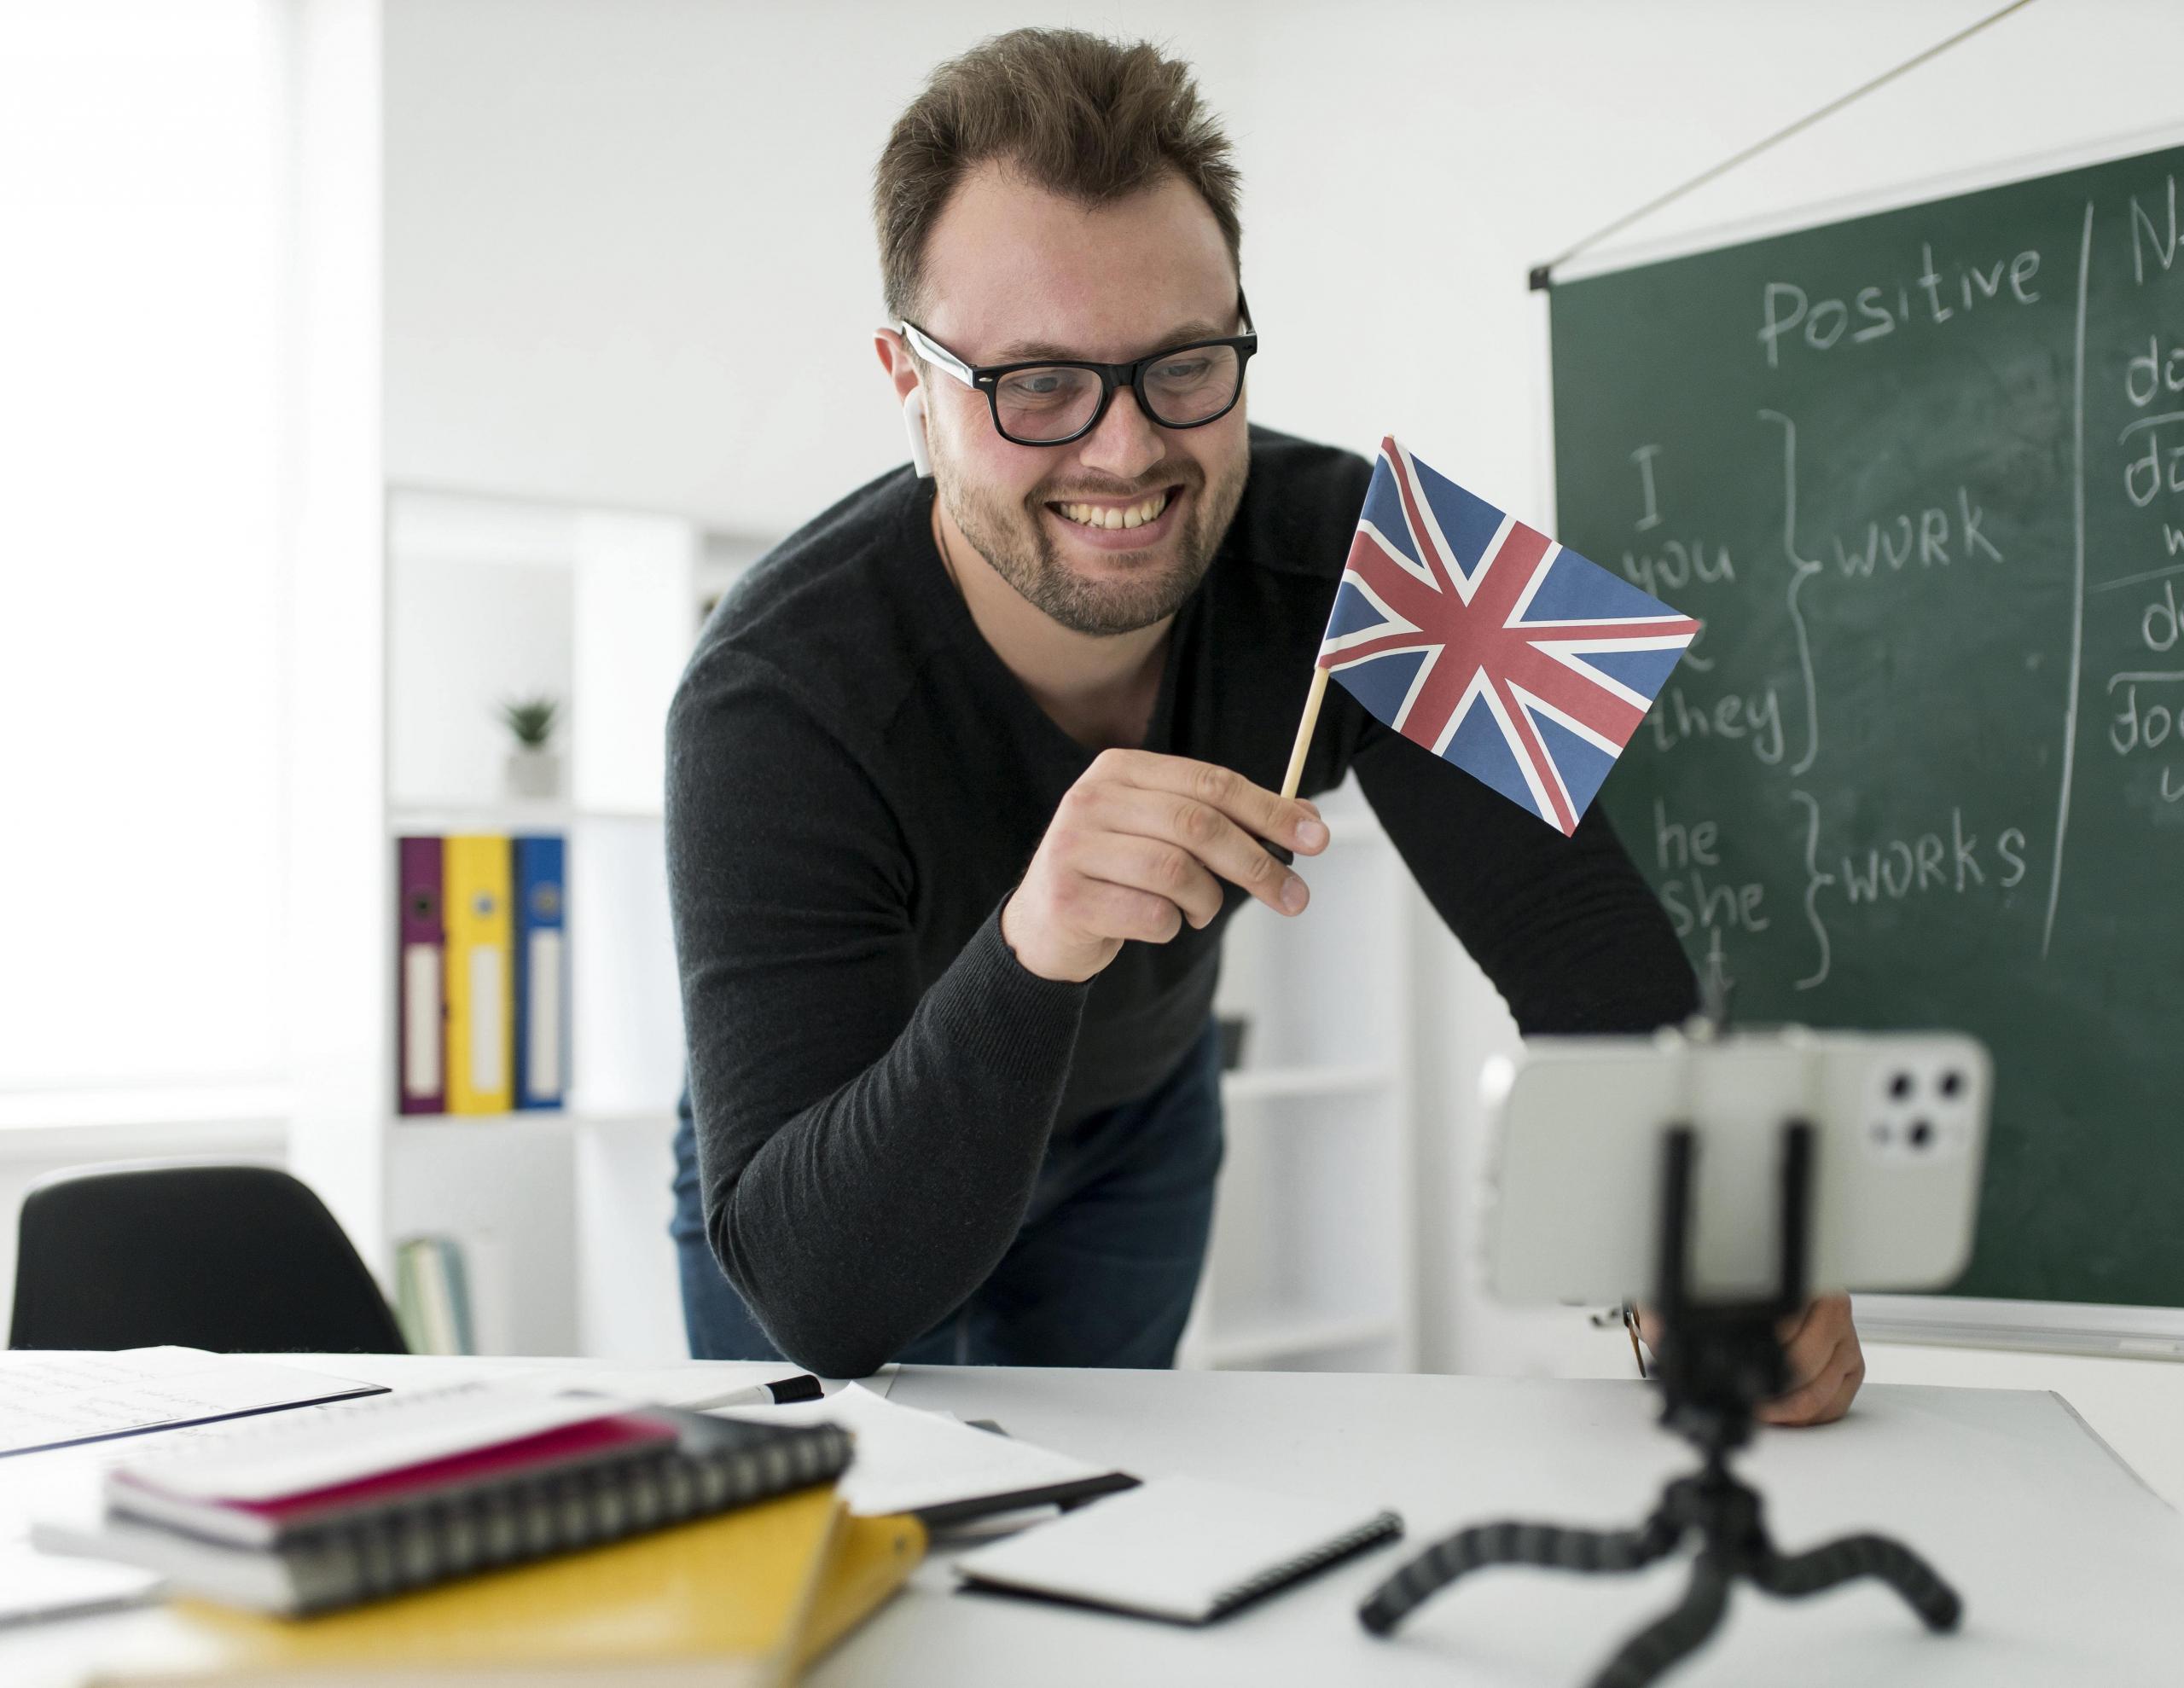 Curso preparación y obtención nivel B1 Inglés online